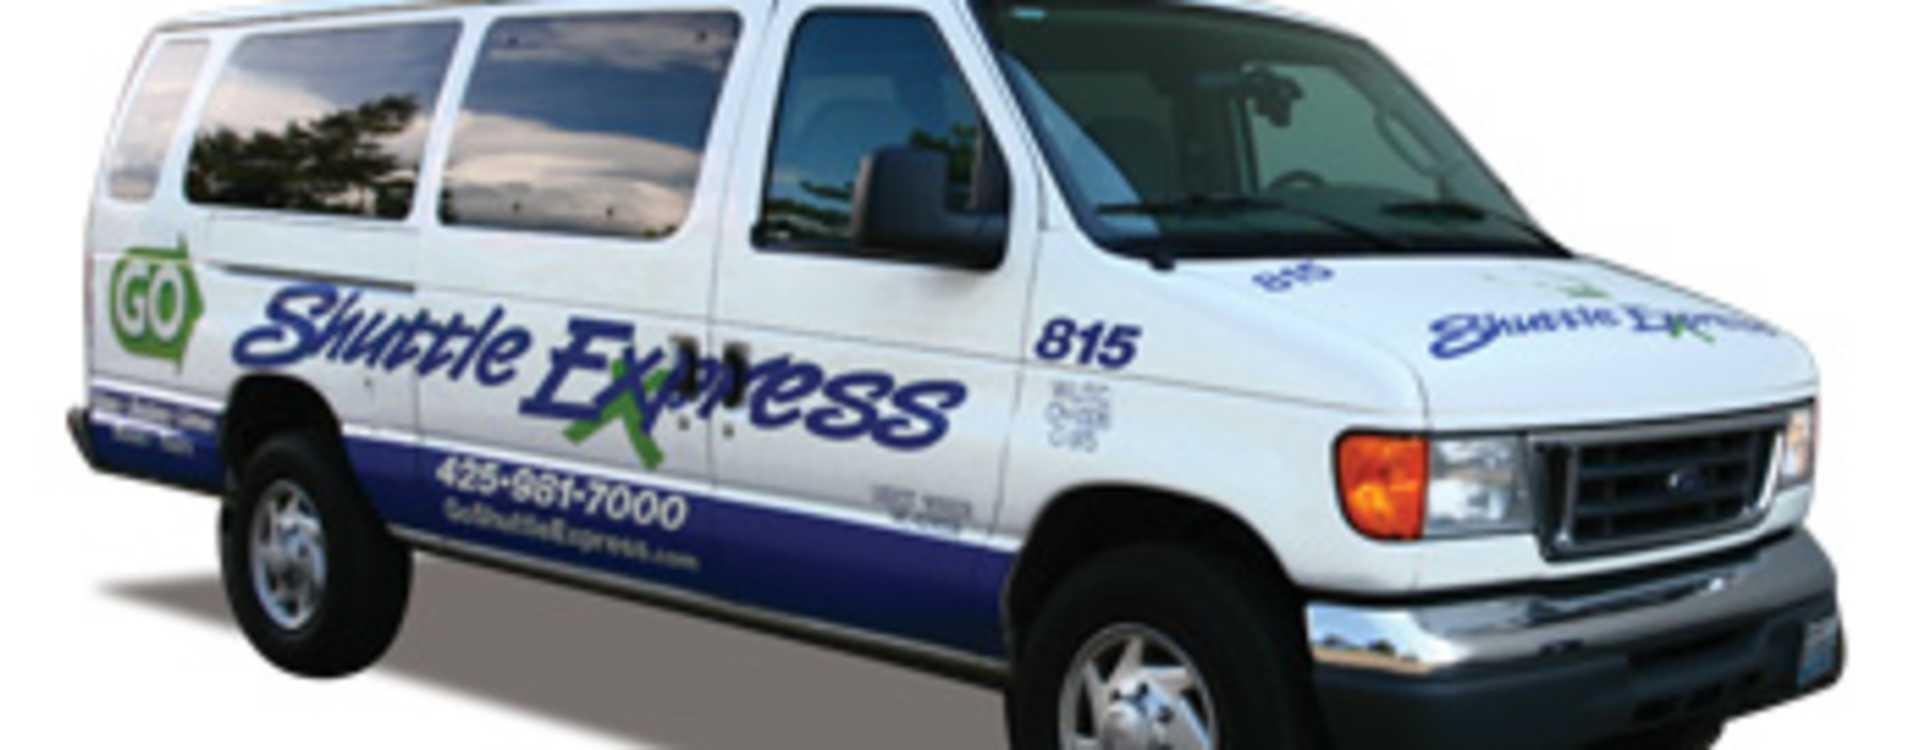 Shuttle_Express.jpg